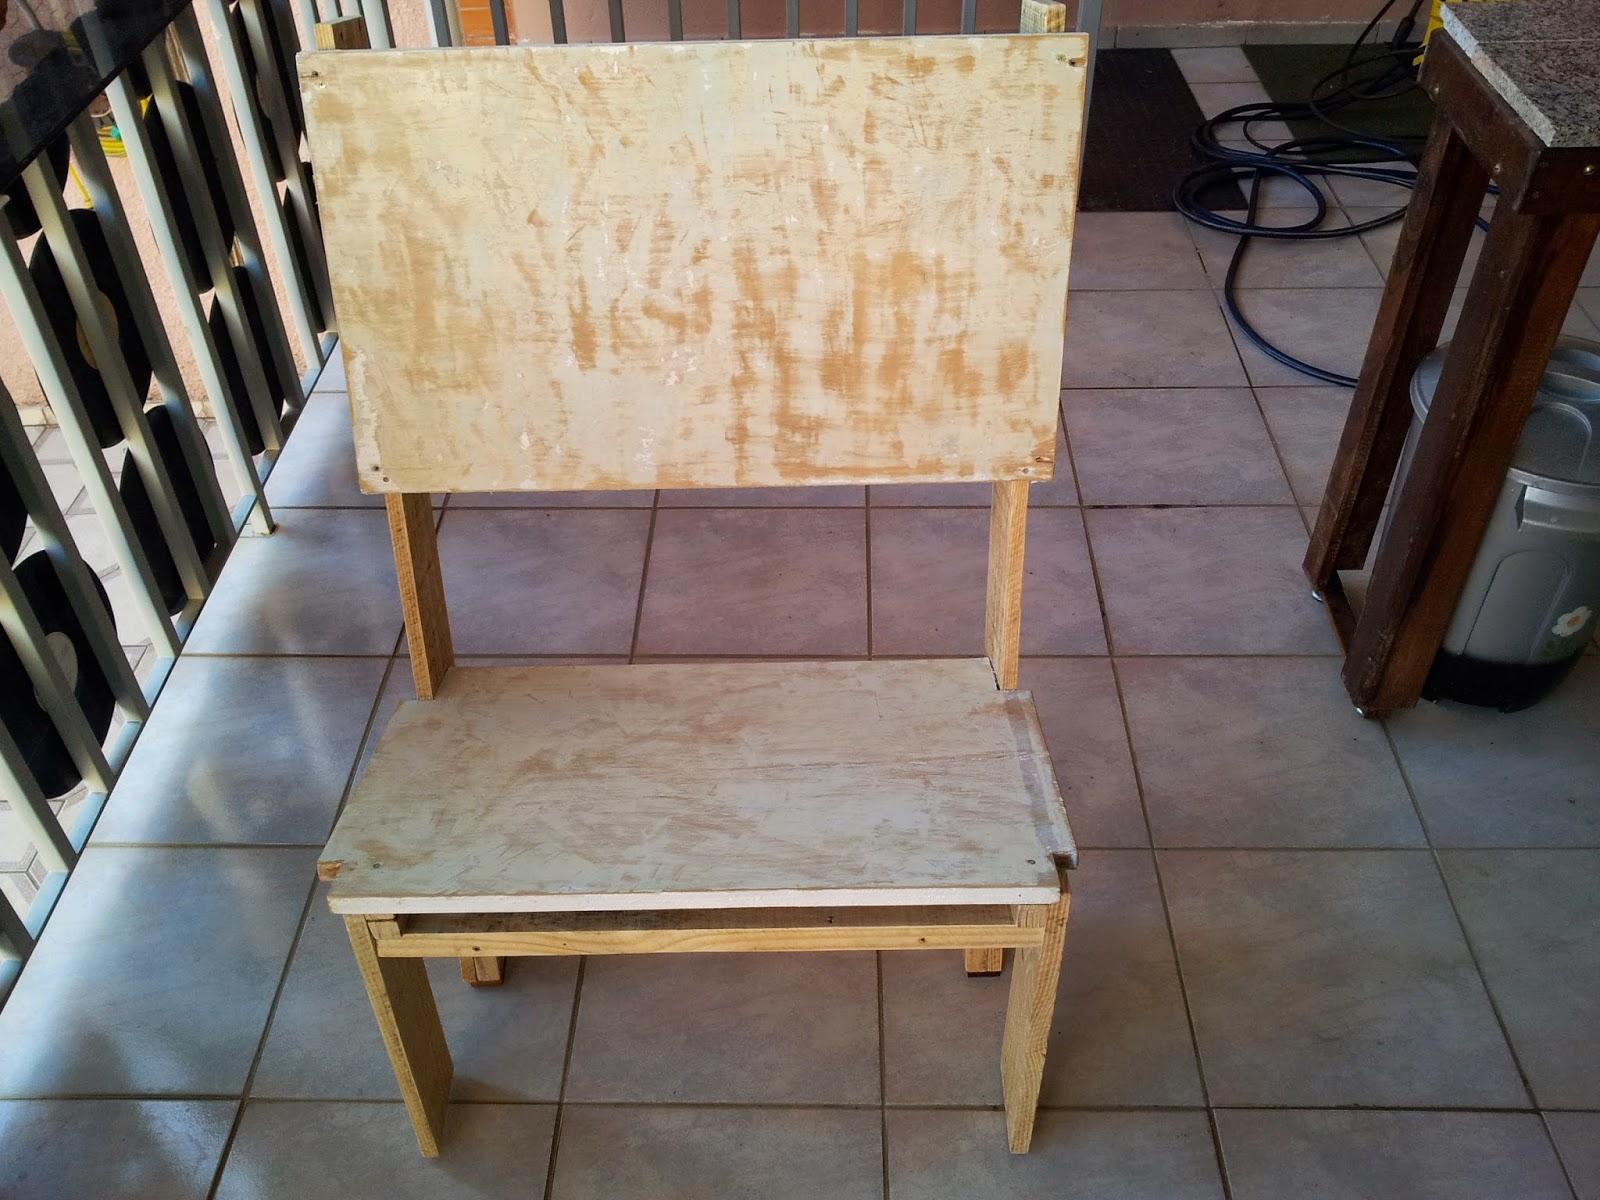 Oficina do Quintal: Como fazer banco de madeira com encosto #8D6E3E 1600x1200